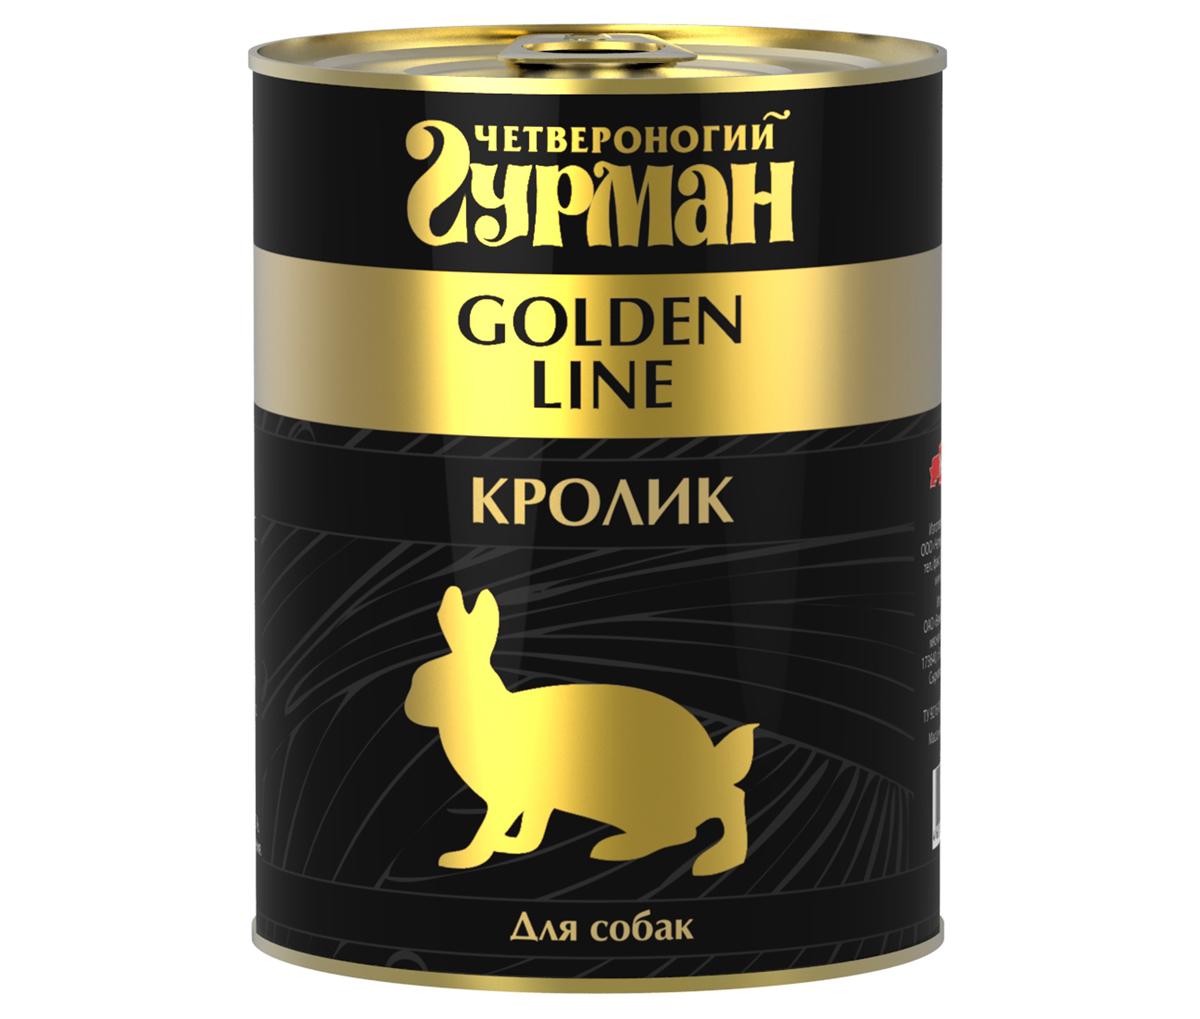 """Консервы для собак """"Четвероногий Гурман"""", с кроликом, 340 г"""